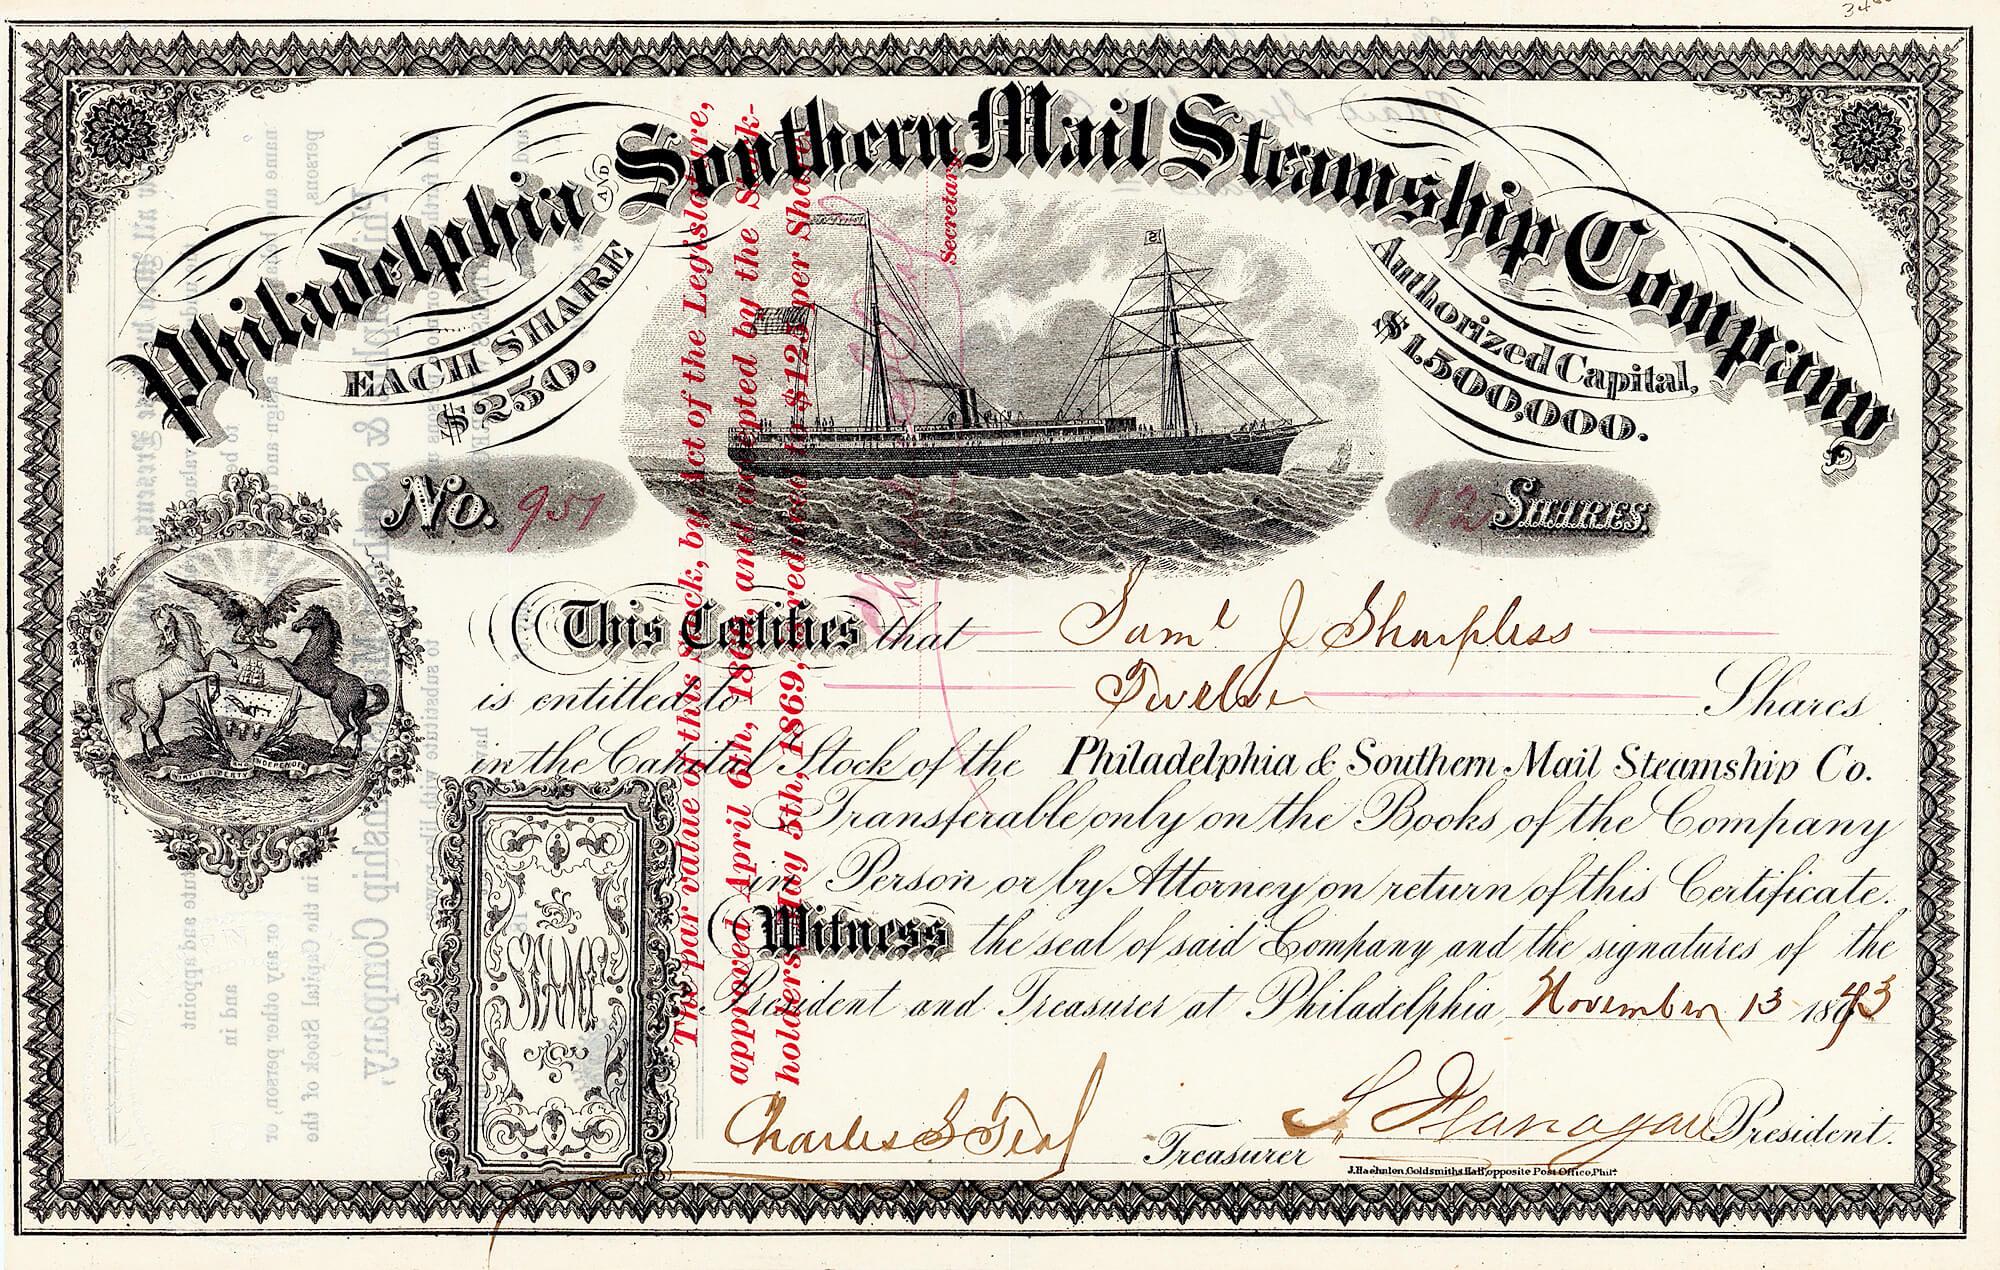 Philadelphia and Southern Mail Steamship Company, historische Aktie von 1873. Gründung im März 1866 durch eine Investorengruppe aus Philadelphia mit einem Kapital von 600.000 $ (eingeteilt in Aktien mit dem ganz und gar ungewöhnlichen Nennwert 250 $, eine Aufstockung bis 1,5 Millionen $ erlaubten die Statuten).